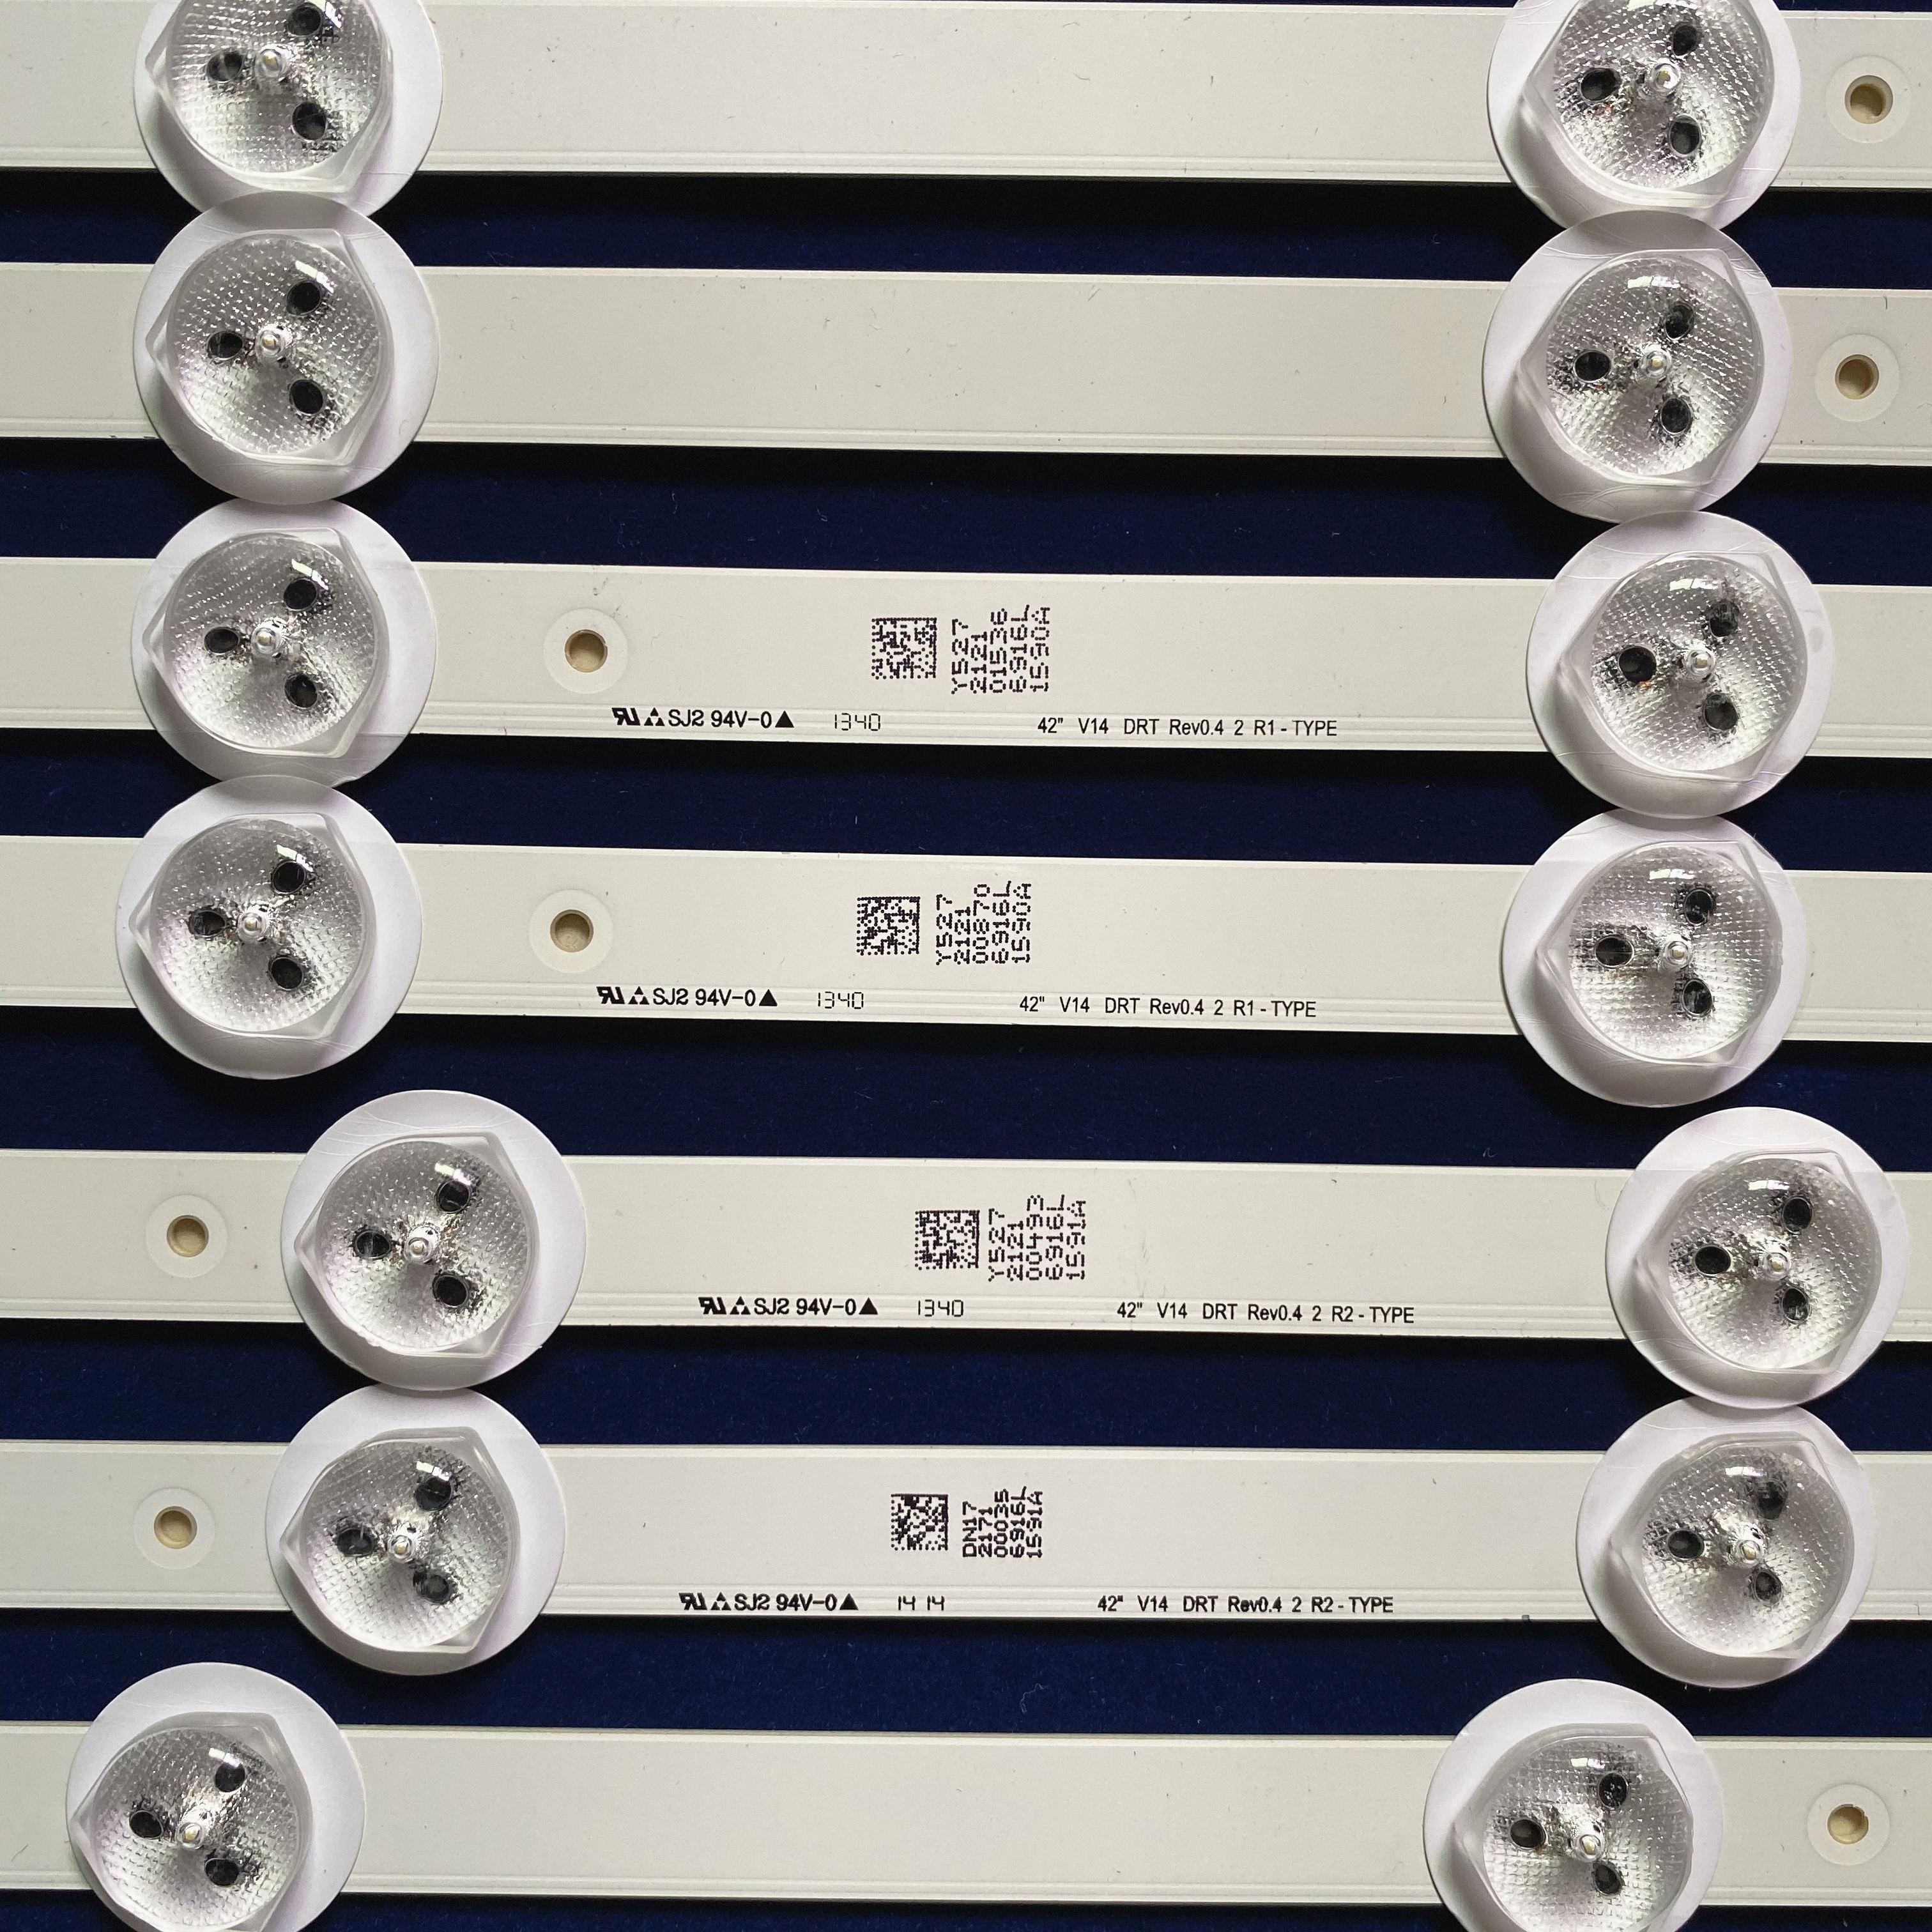 Image 2 - Светодиодный светильник с подсветкой для 42PFK6309/LC420DUN (PG) (P1) 6916L 1458B 42 V14 DRTСветодиодные панели    АлиЭкспресс